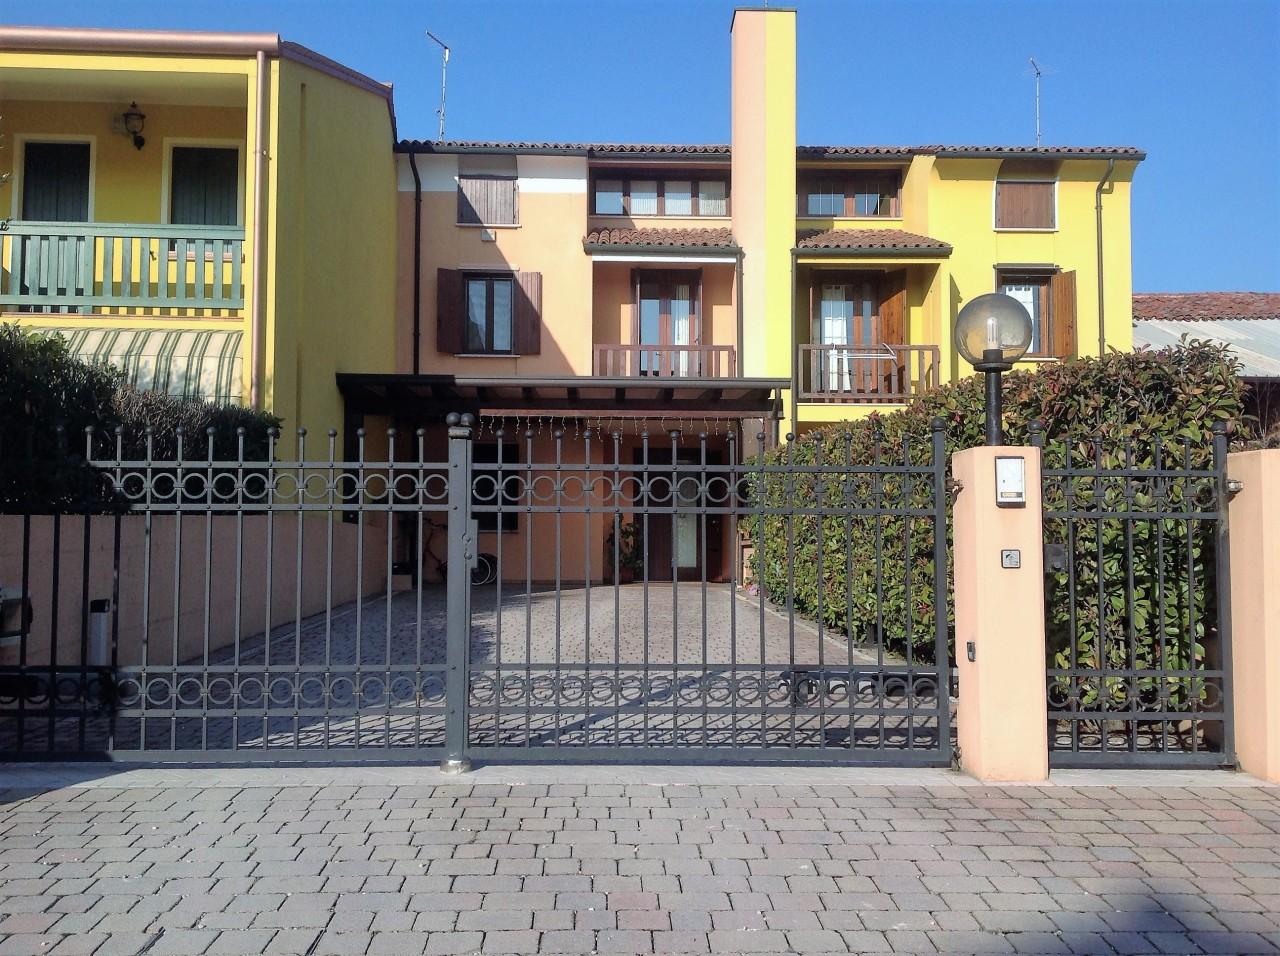 Soluzione Indipendente in vendita a Castelfranco Veneto, 5 locali, prezzo € 170.000   CambioCasa.it